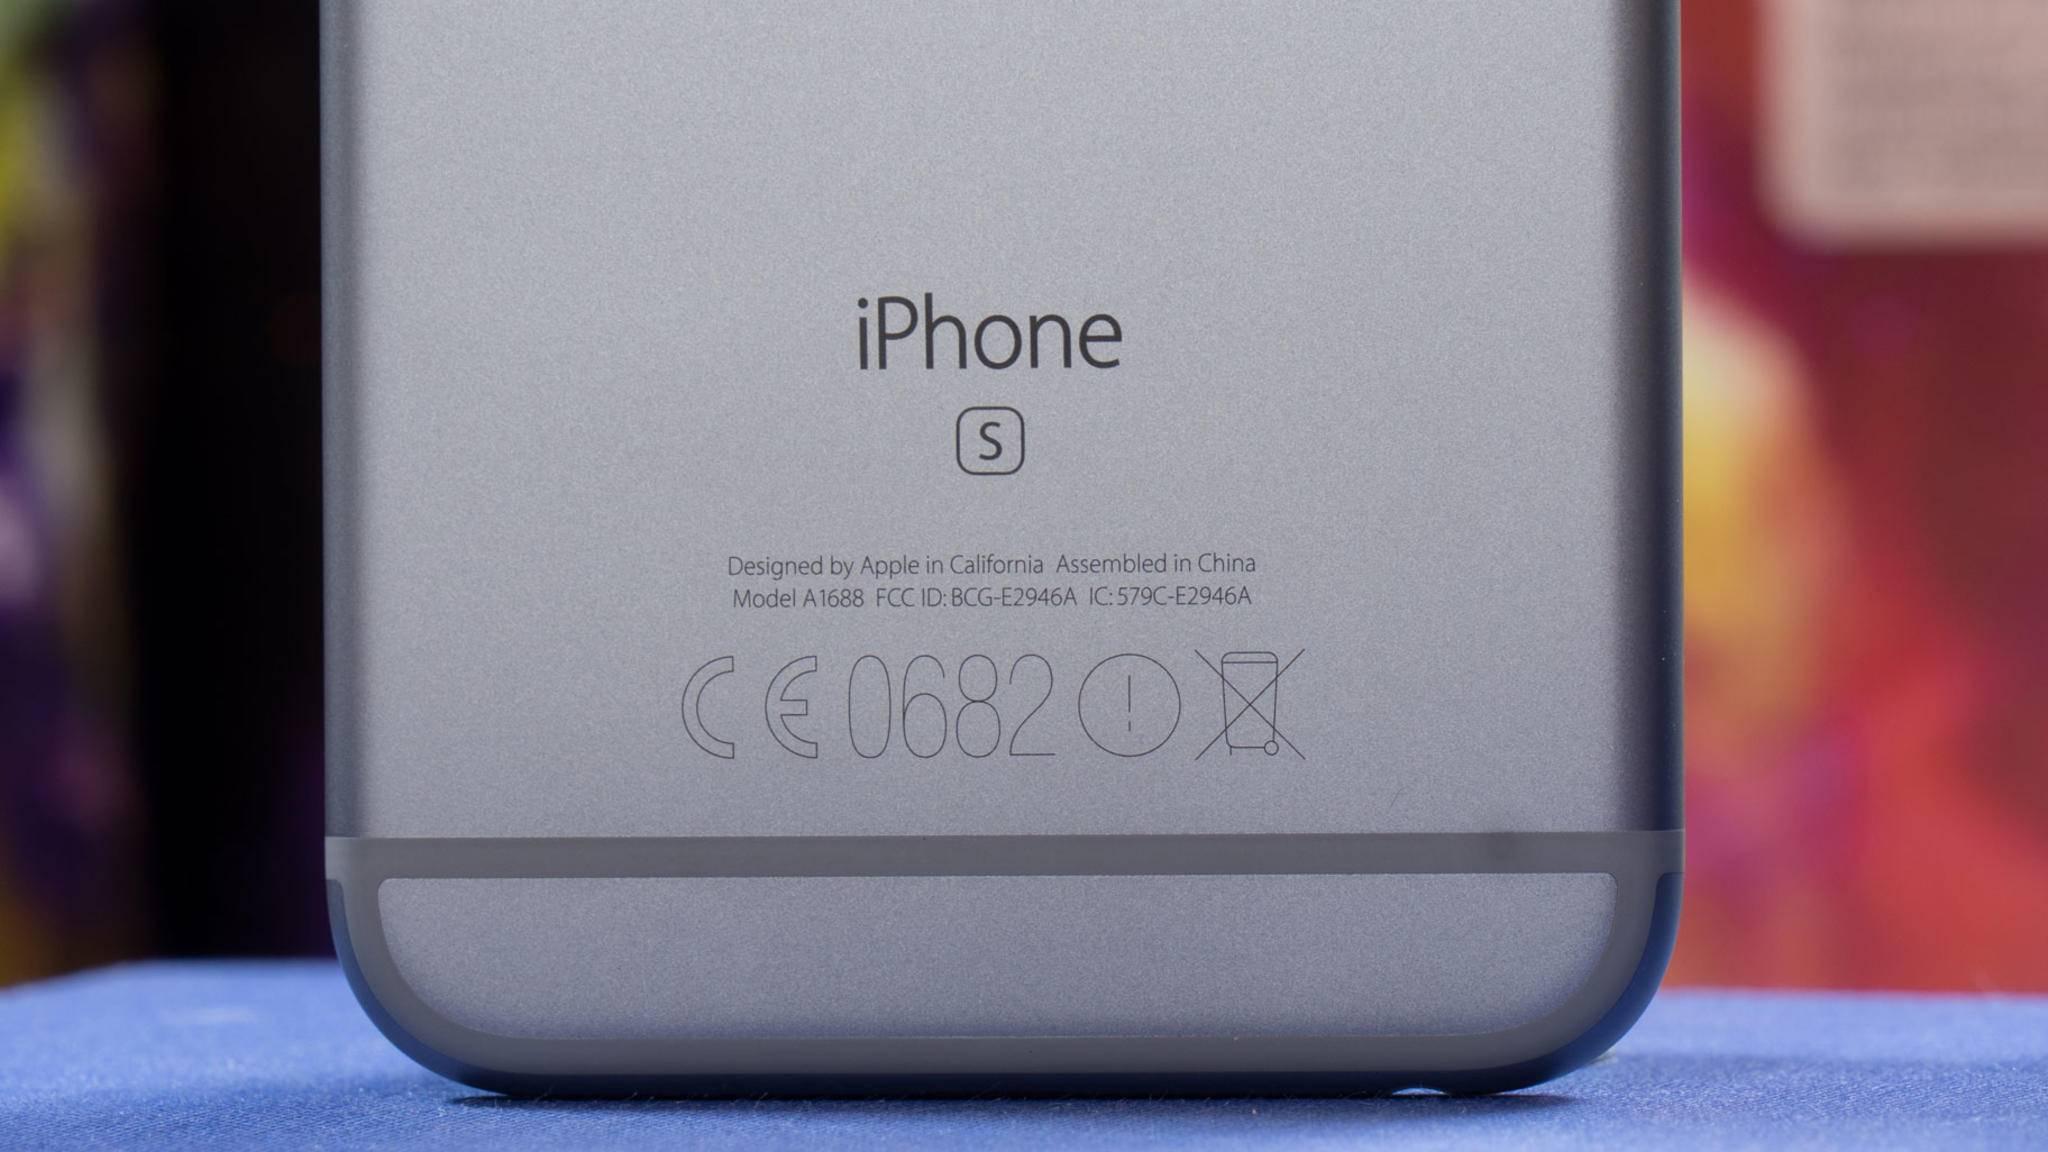 iphone seriennummer kontrollieren